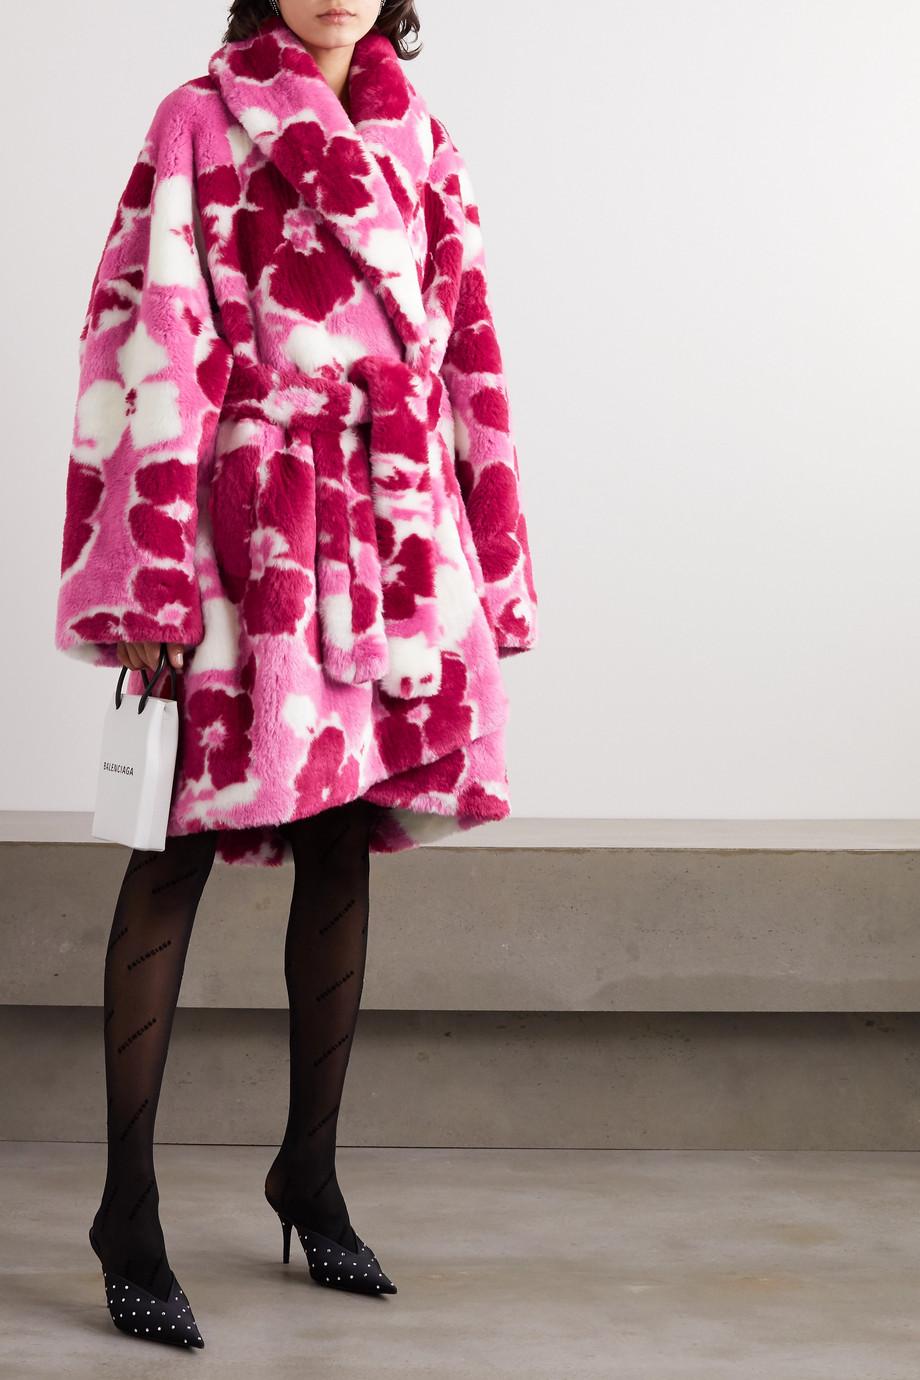 Balenciaga Mantel aus Faux Fur mit Blumenprint und Bindegürtel